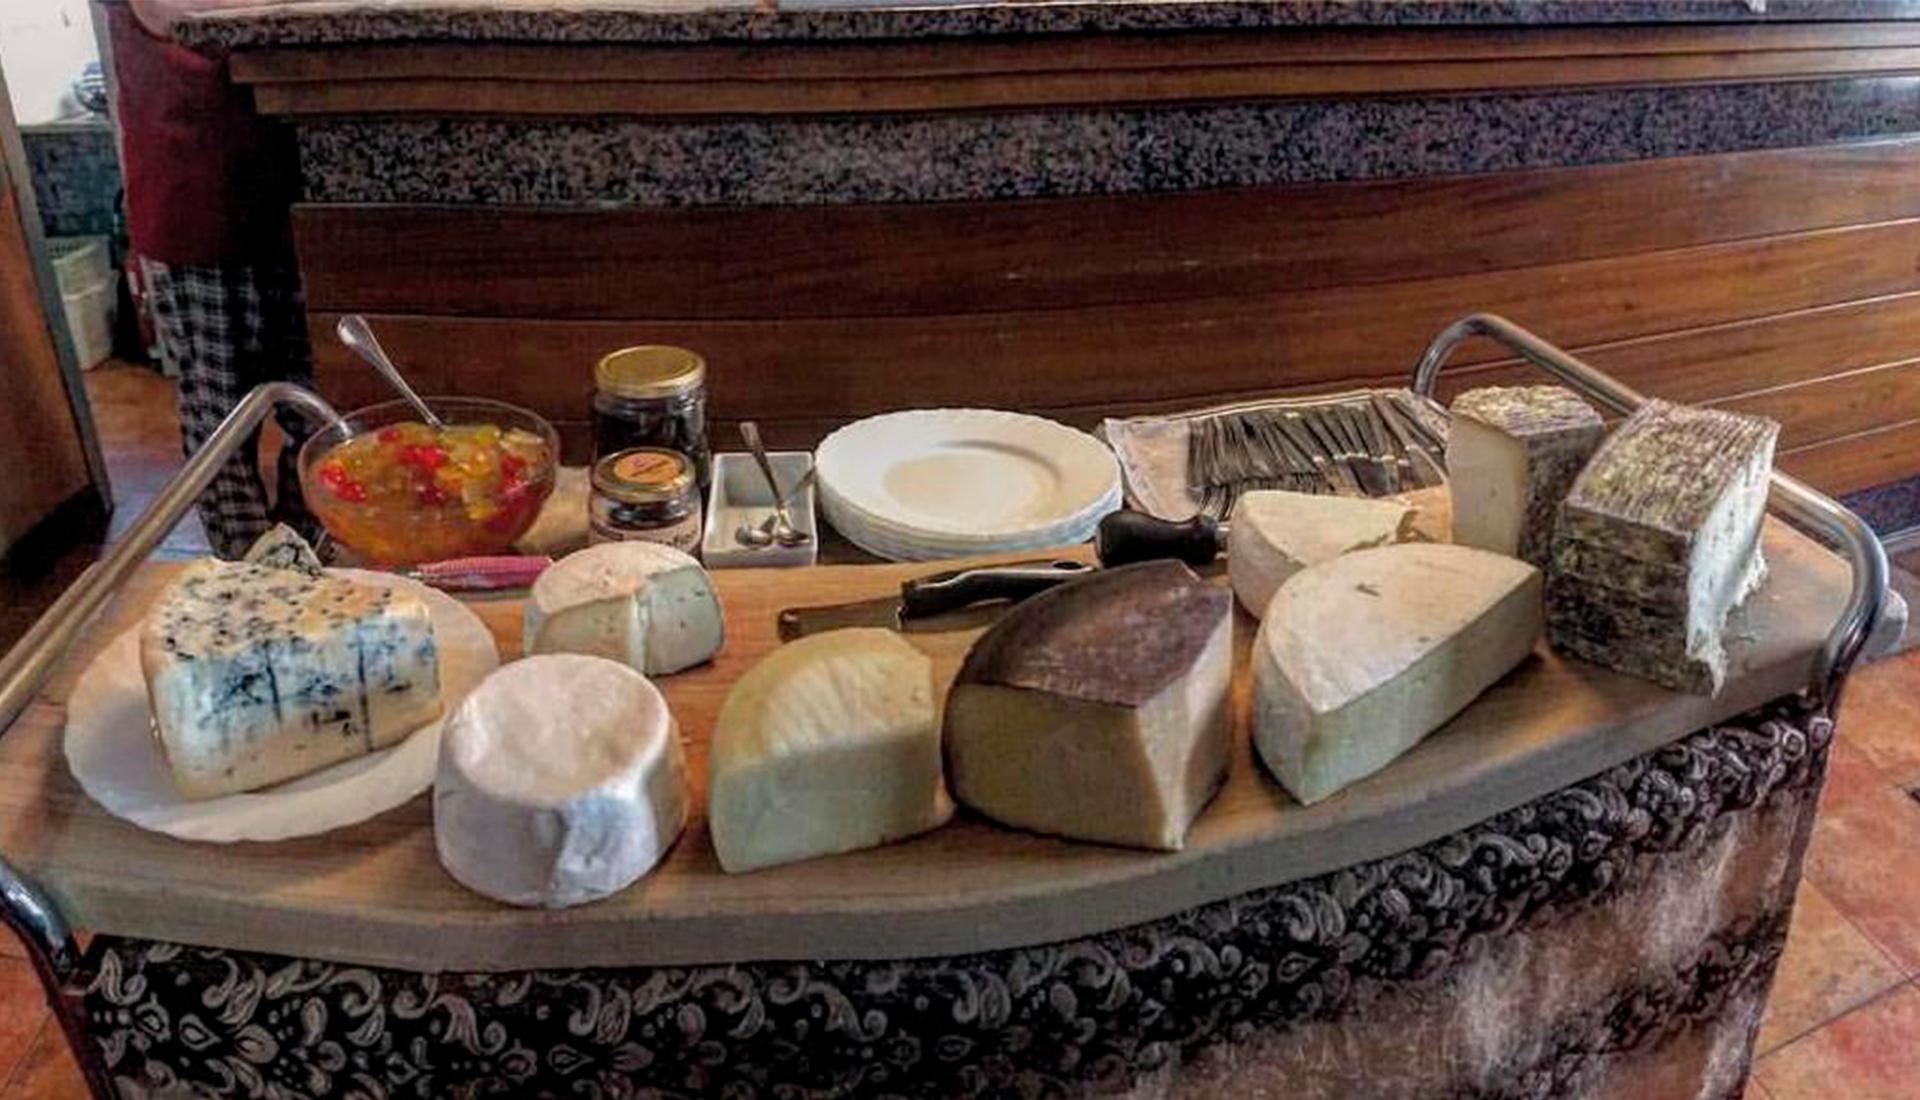 mangiare formaggi a cremona